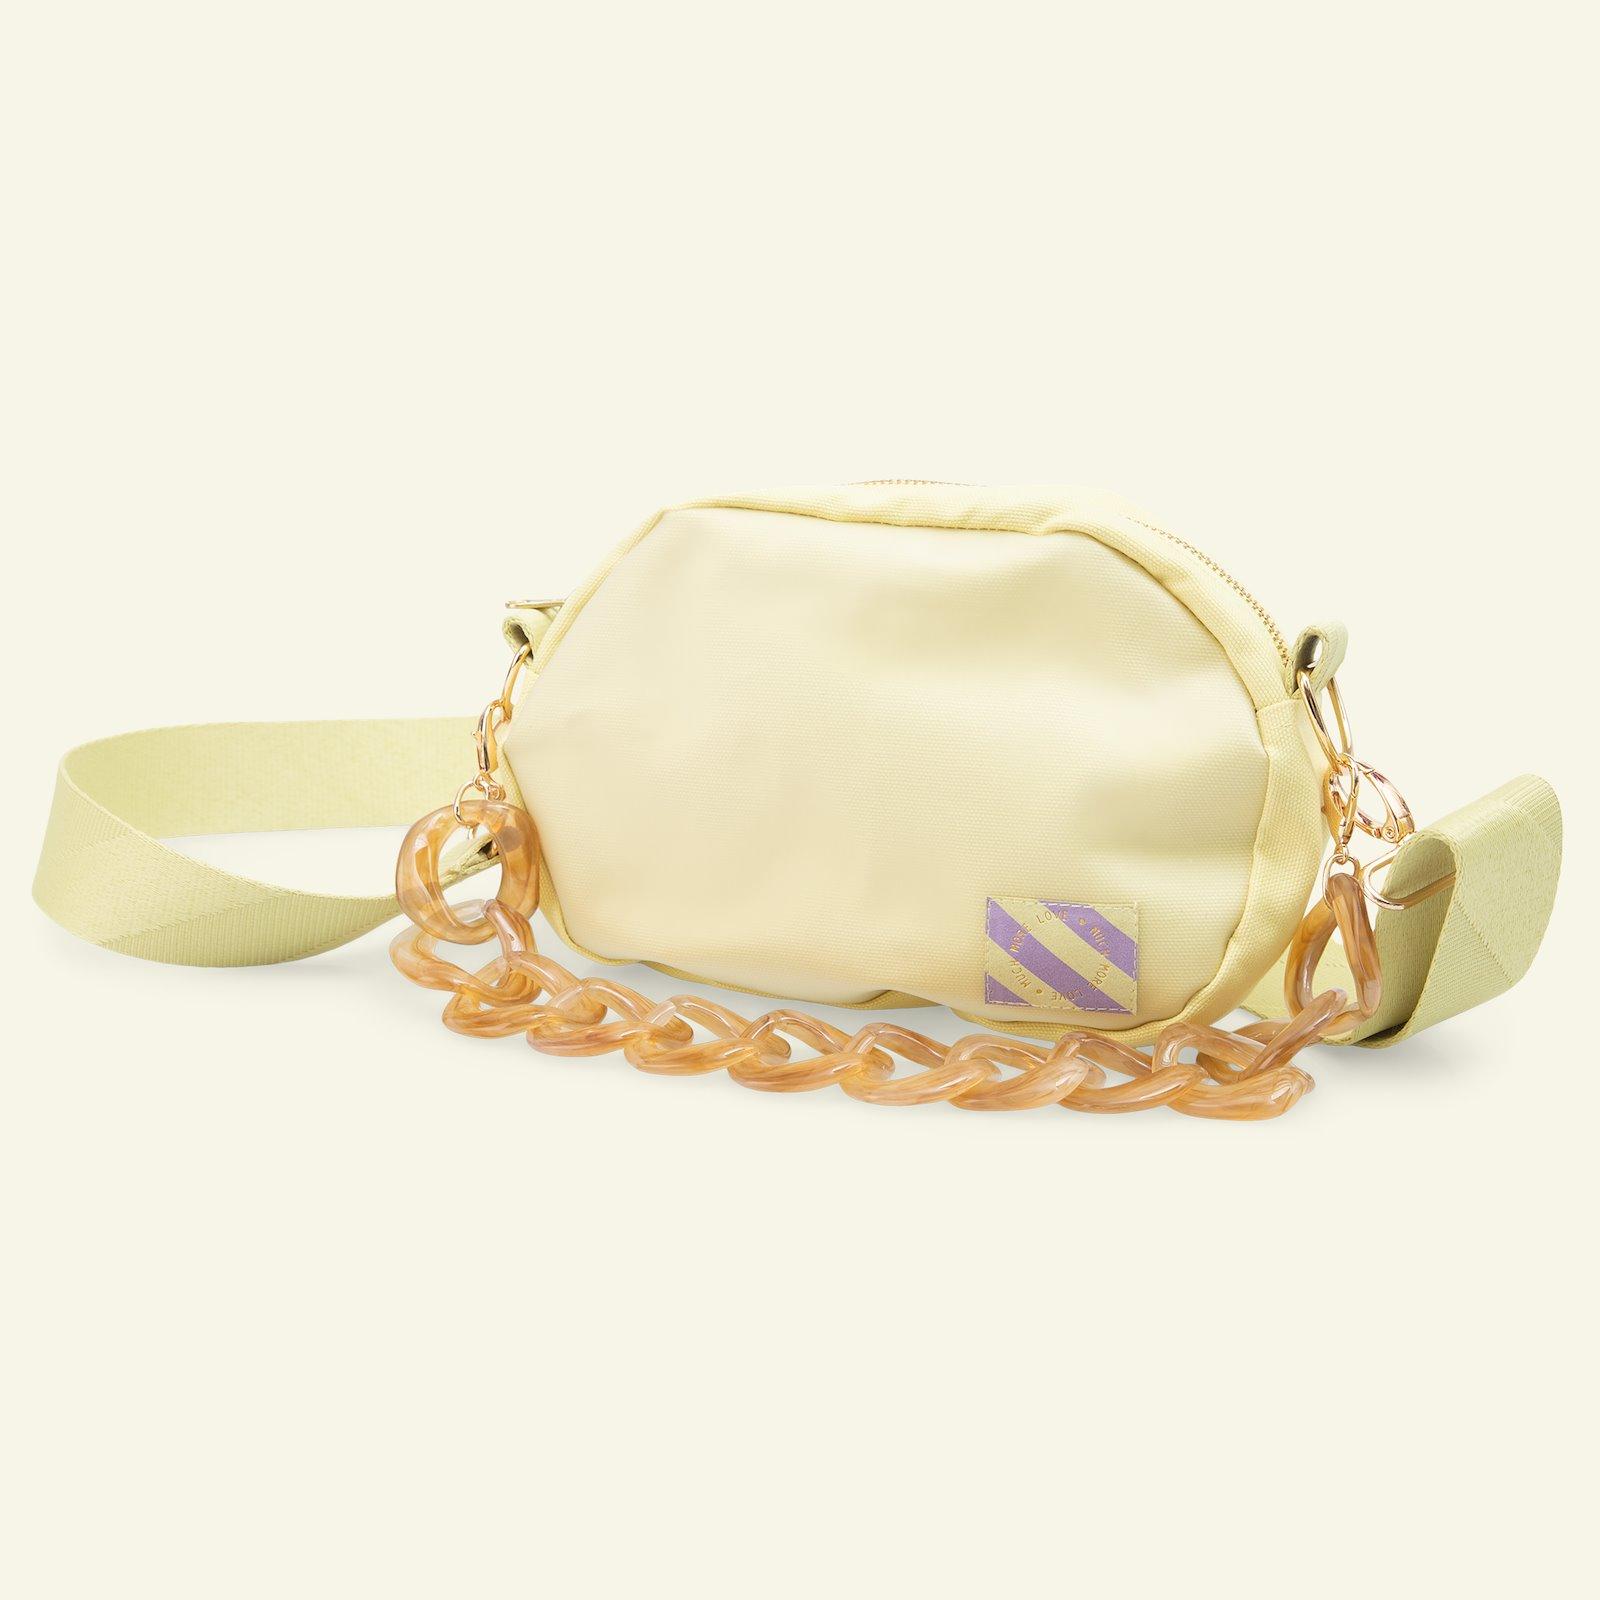 Cotton canvas light lemon p90318_780480_95597_82407_46302_45519_45506_45523_z59344_26503_sskit